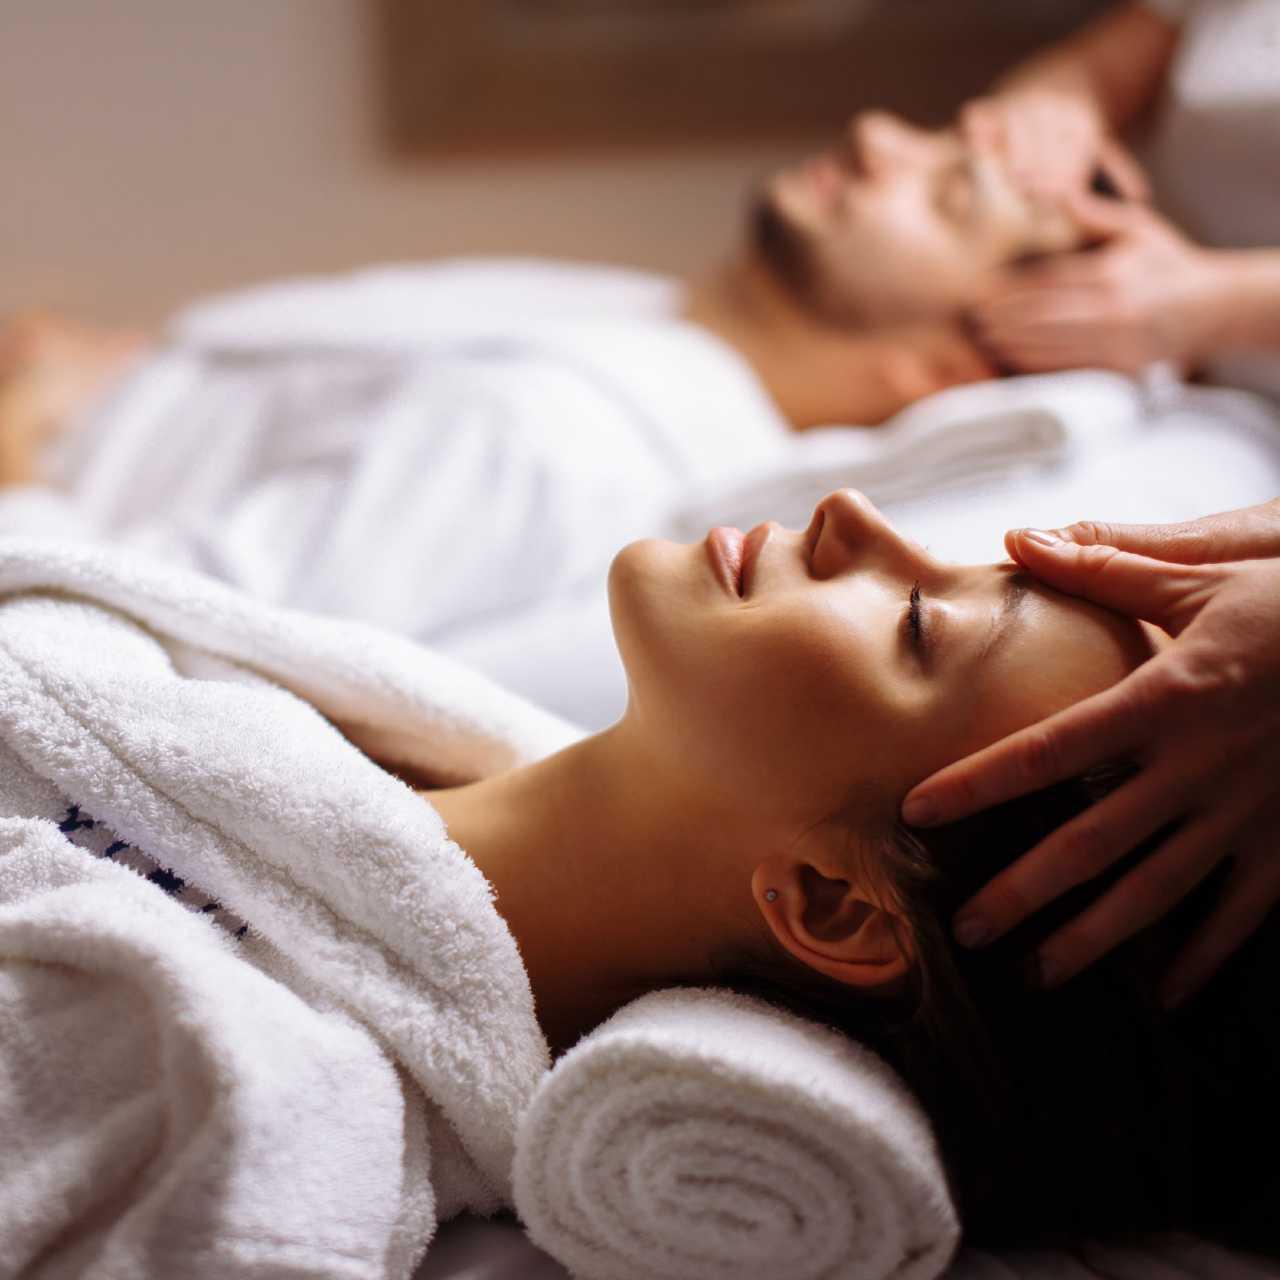 So Beauty Roquebrune | Soins Corps - Massages à Roquebrune sur Argens